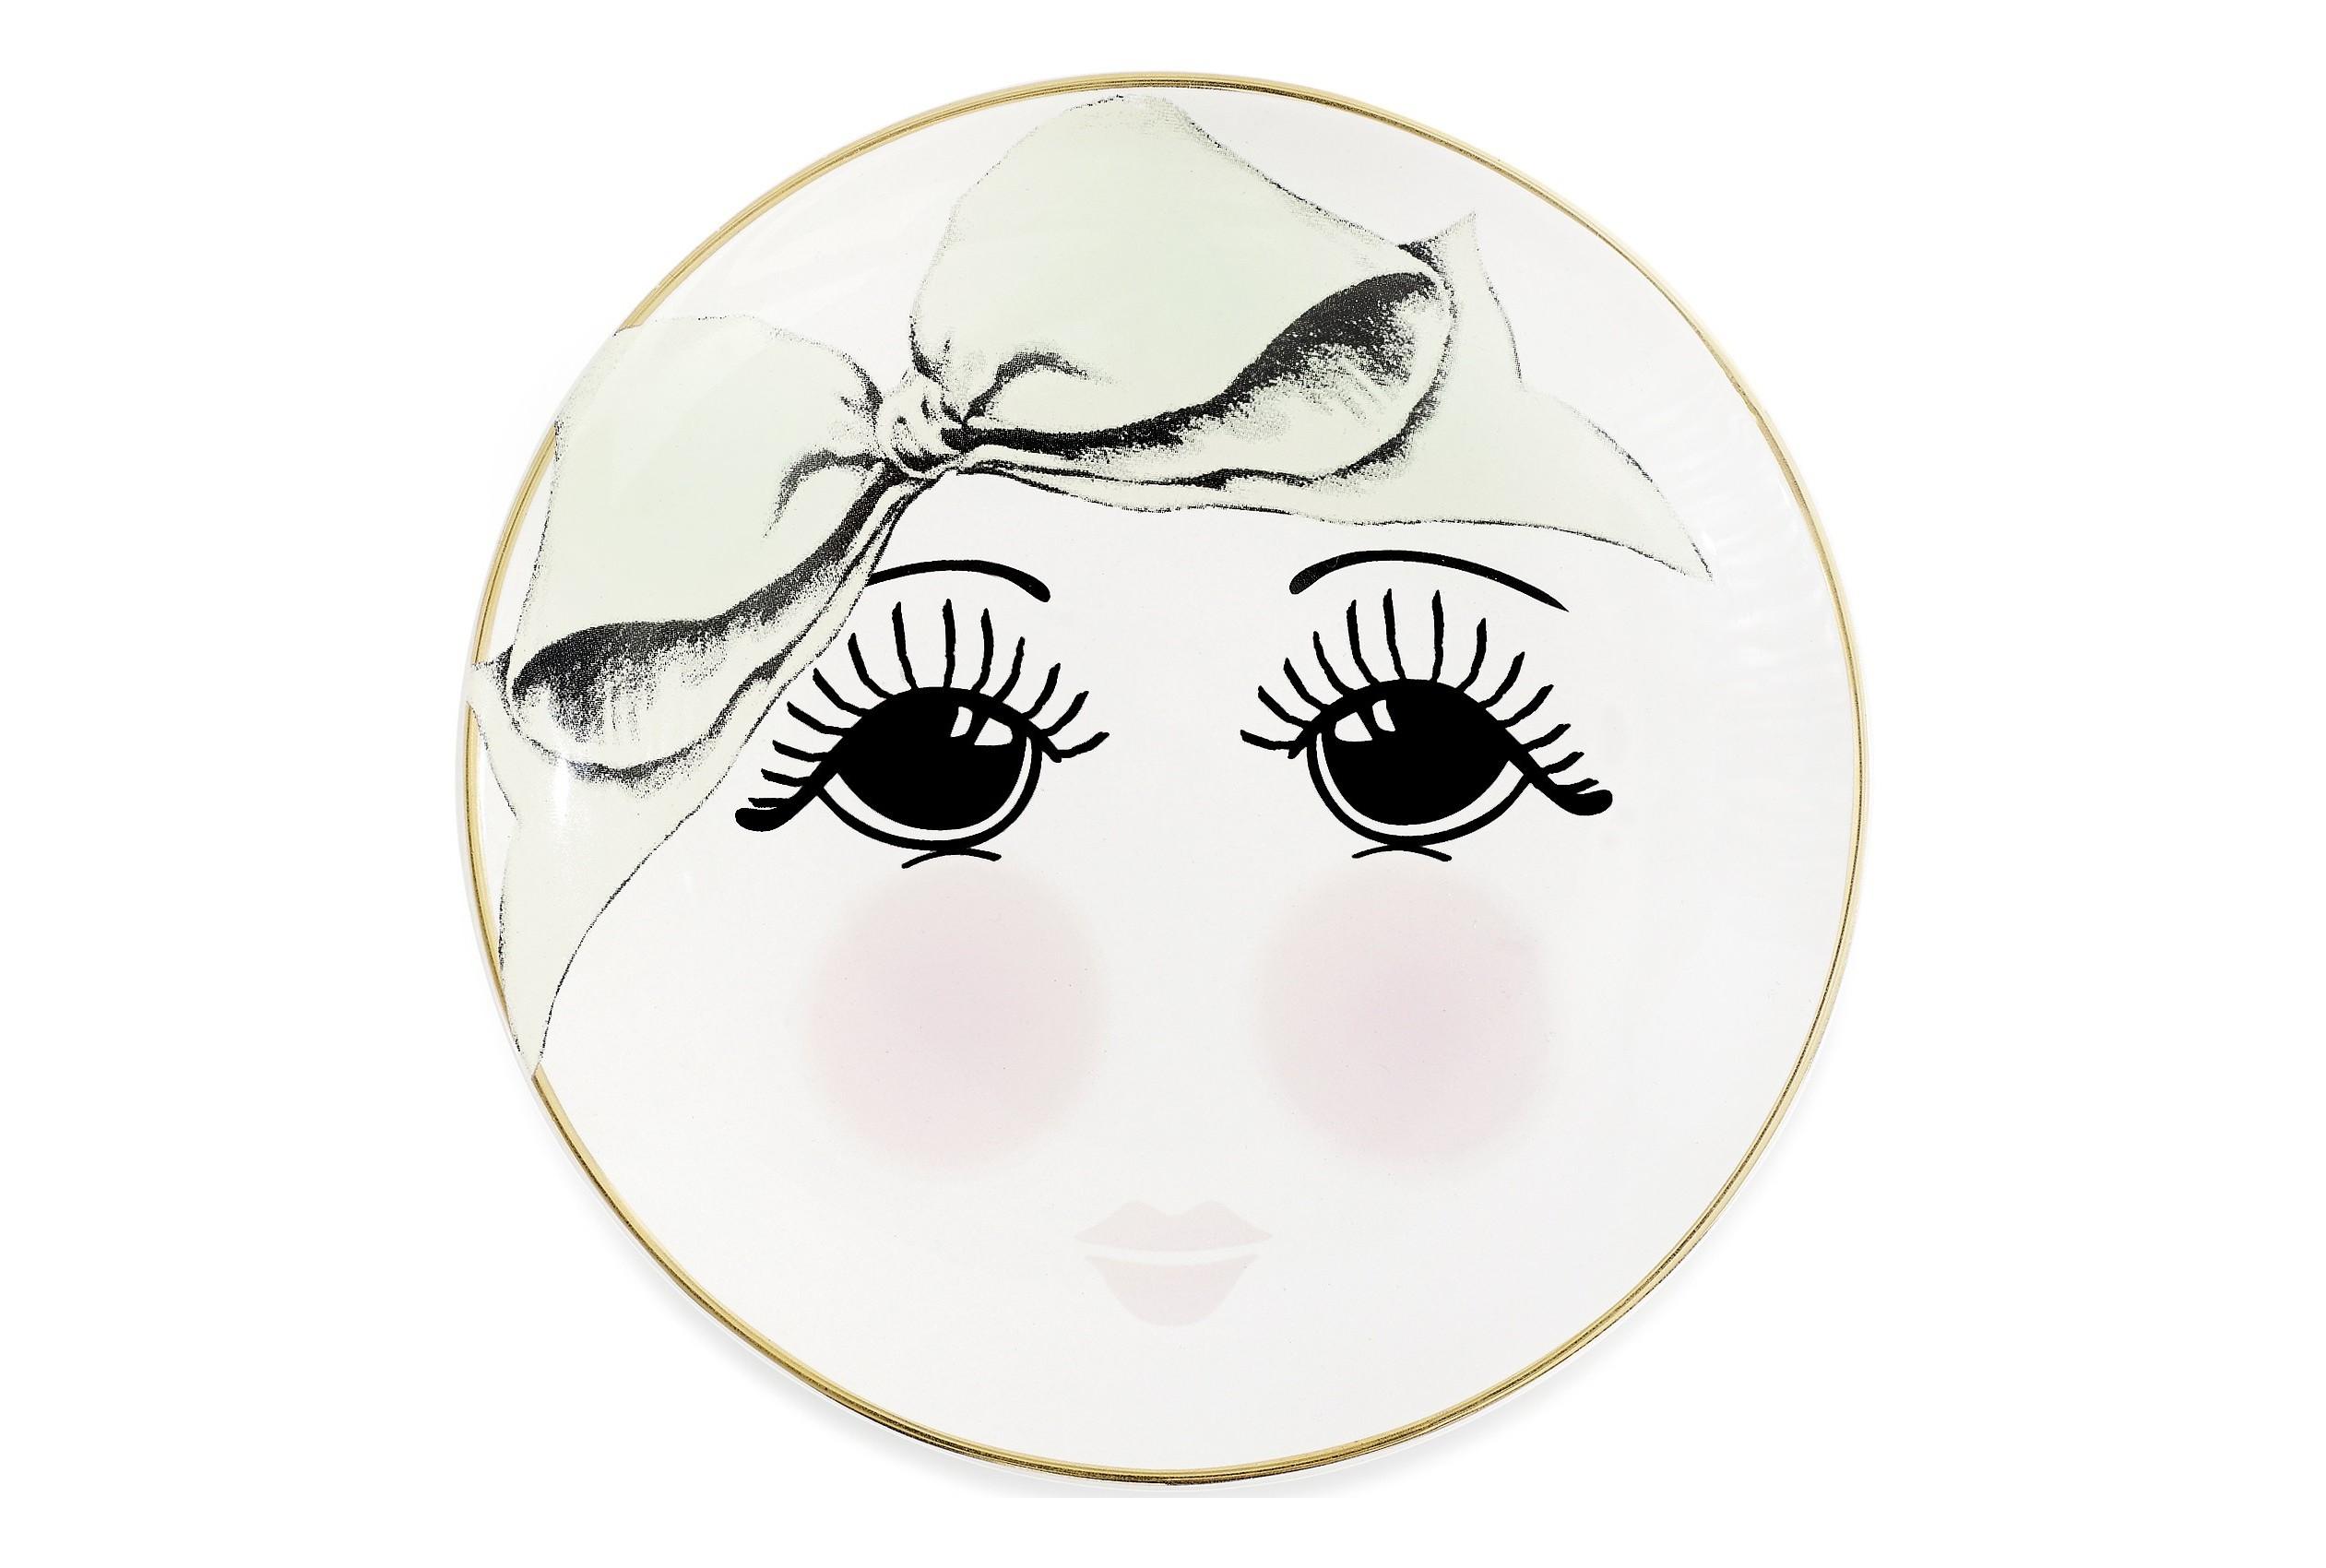 ТарелкаТарелки<br>Каждая тарелка от Miss Etoile создается с бережным отношением к деталям: очаровательные бантики, глазки, звездочки, горошки не оставят никого равнодушными, непременно поднимут настроения и оживят интерьер любой кухни! Их используют для сервировки стола, для приема пищи, и для украшения пространства вокруг вас. Выбирая тарелки от Miss Etoile, вы дарите своему дому особую атмосферу красоты и уюта!<br><br>Material: Керамика<br>Length см: None<br>Width см: None<br>Depth см: None<br>Height см: 2<br>Diameter см: 17